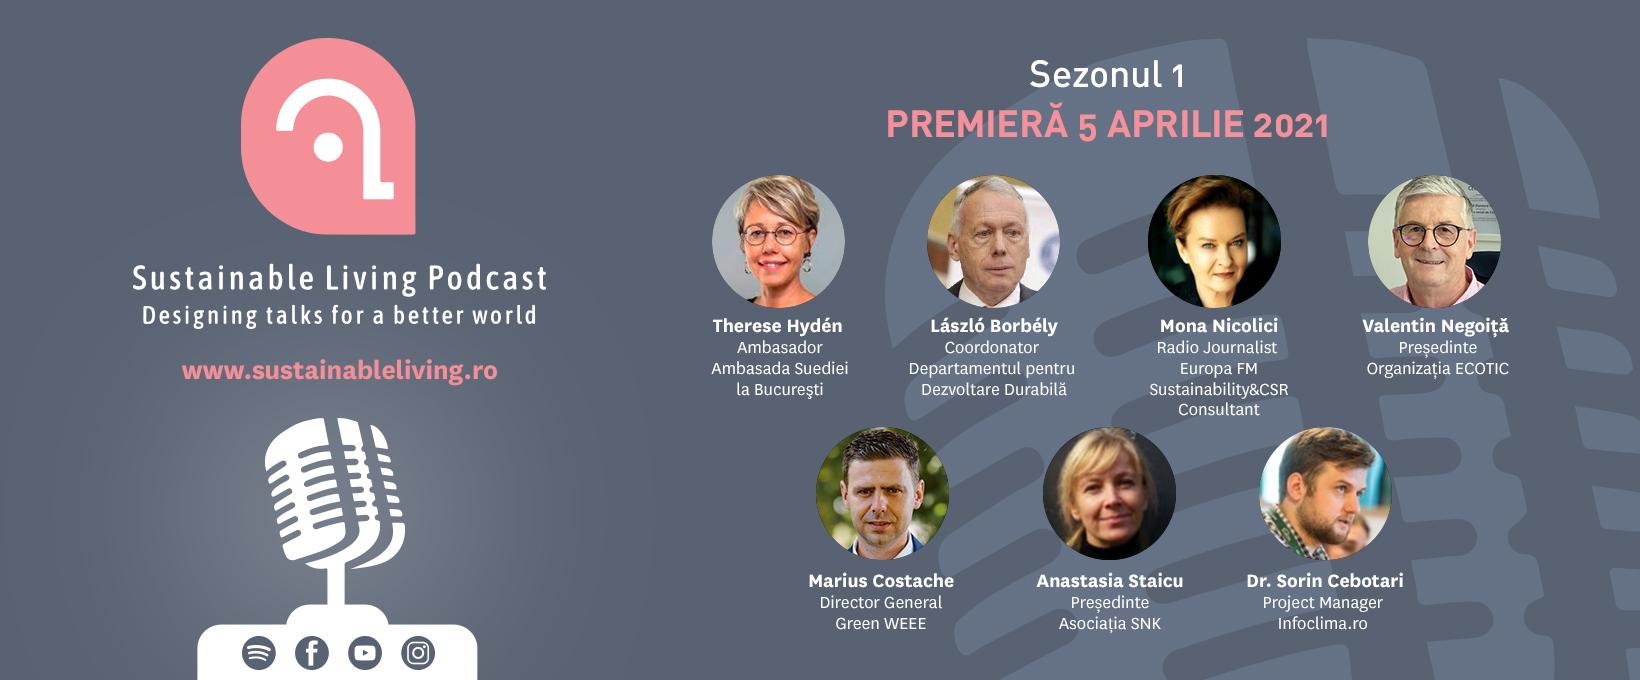 Invitaţie la dialog pentru o lume mai bună prin Sustainable Living Podcast - Lansarea primului sezon